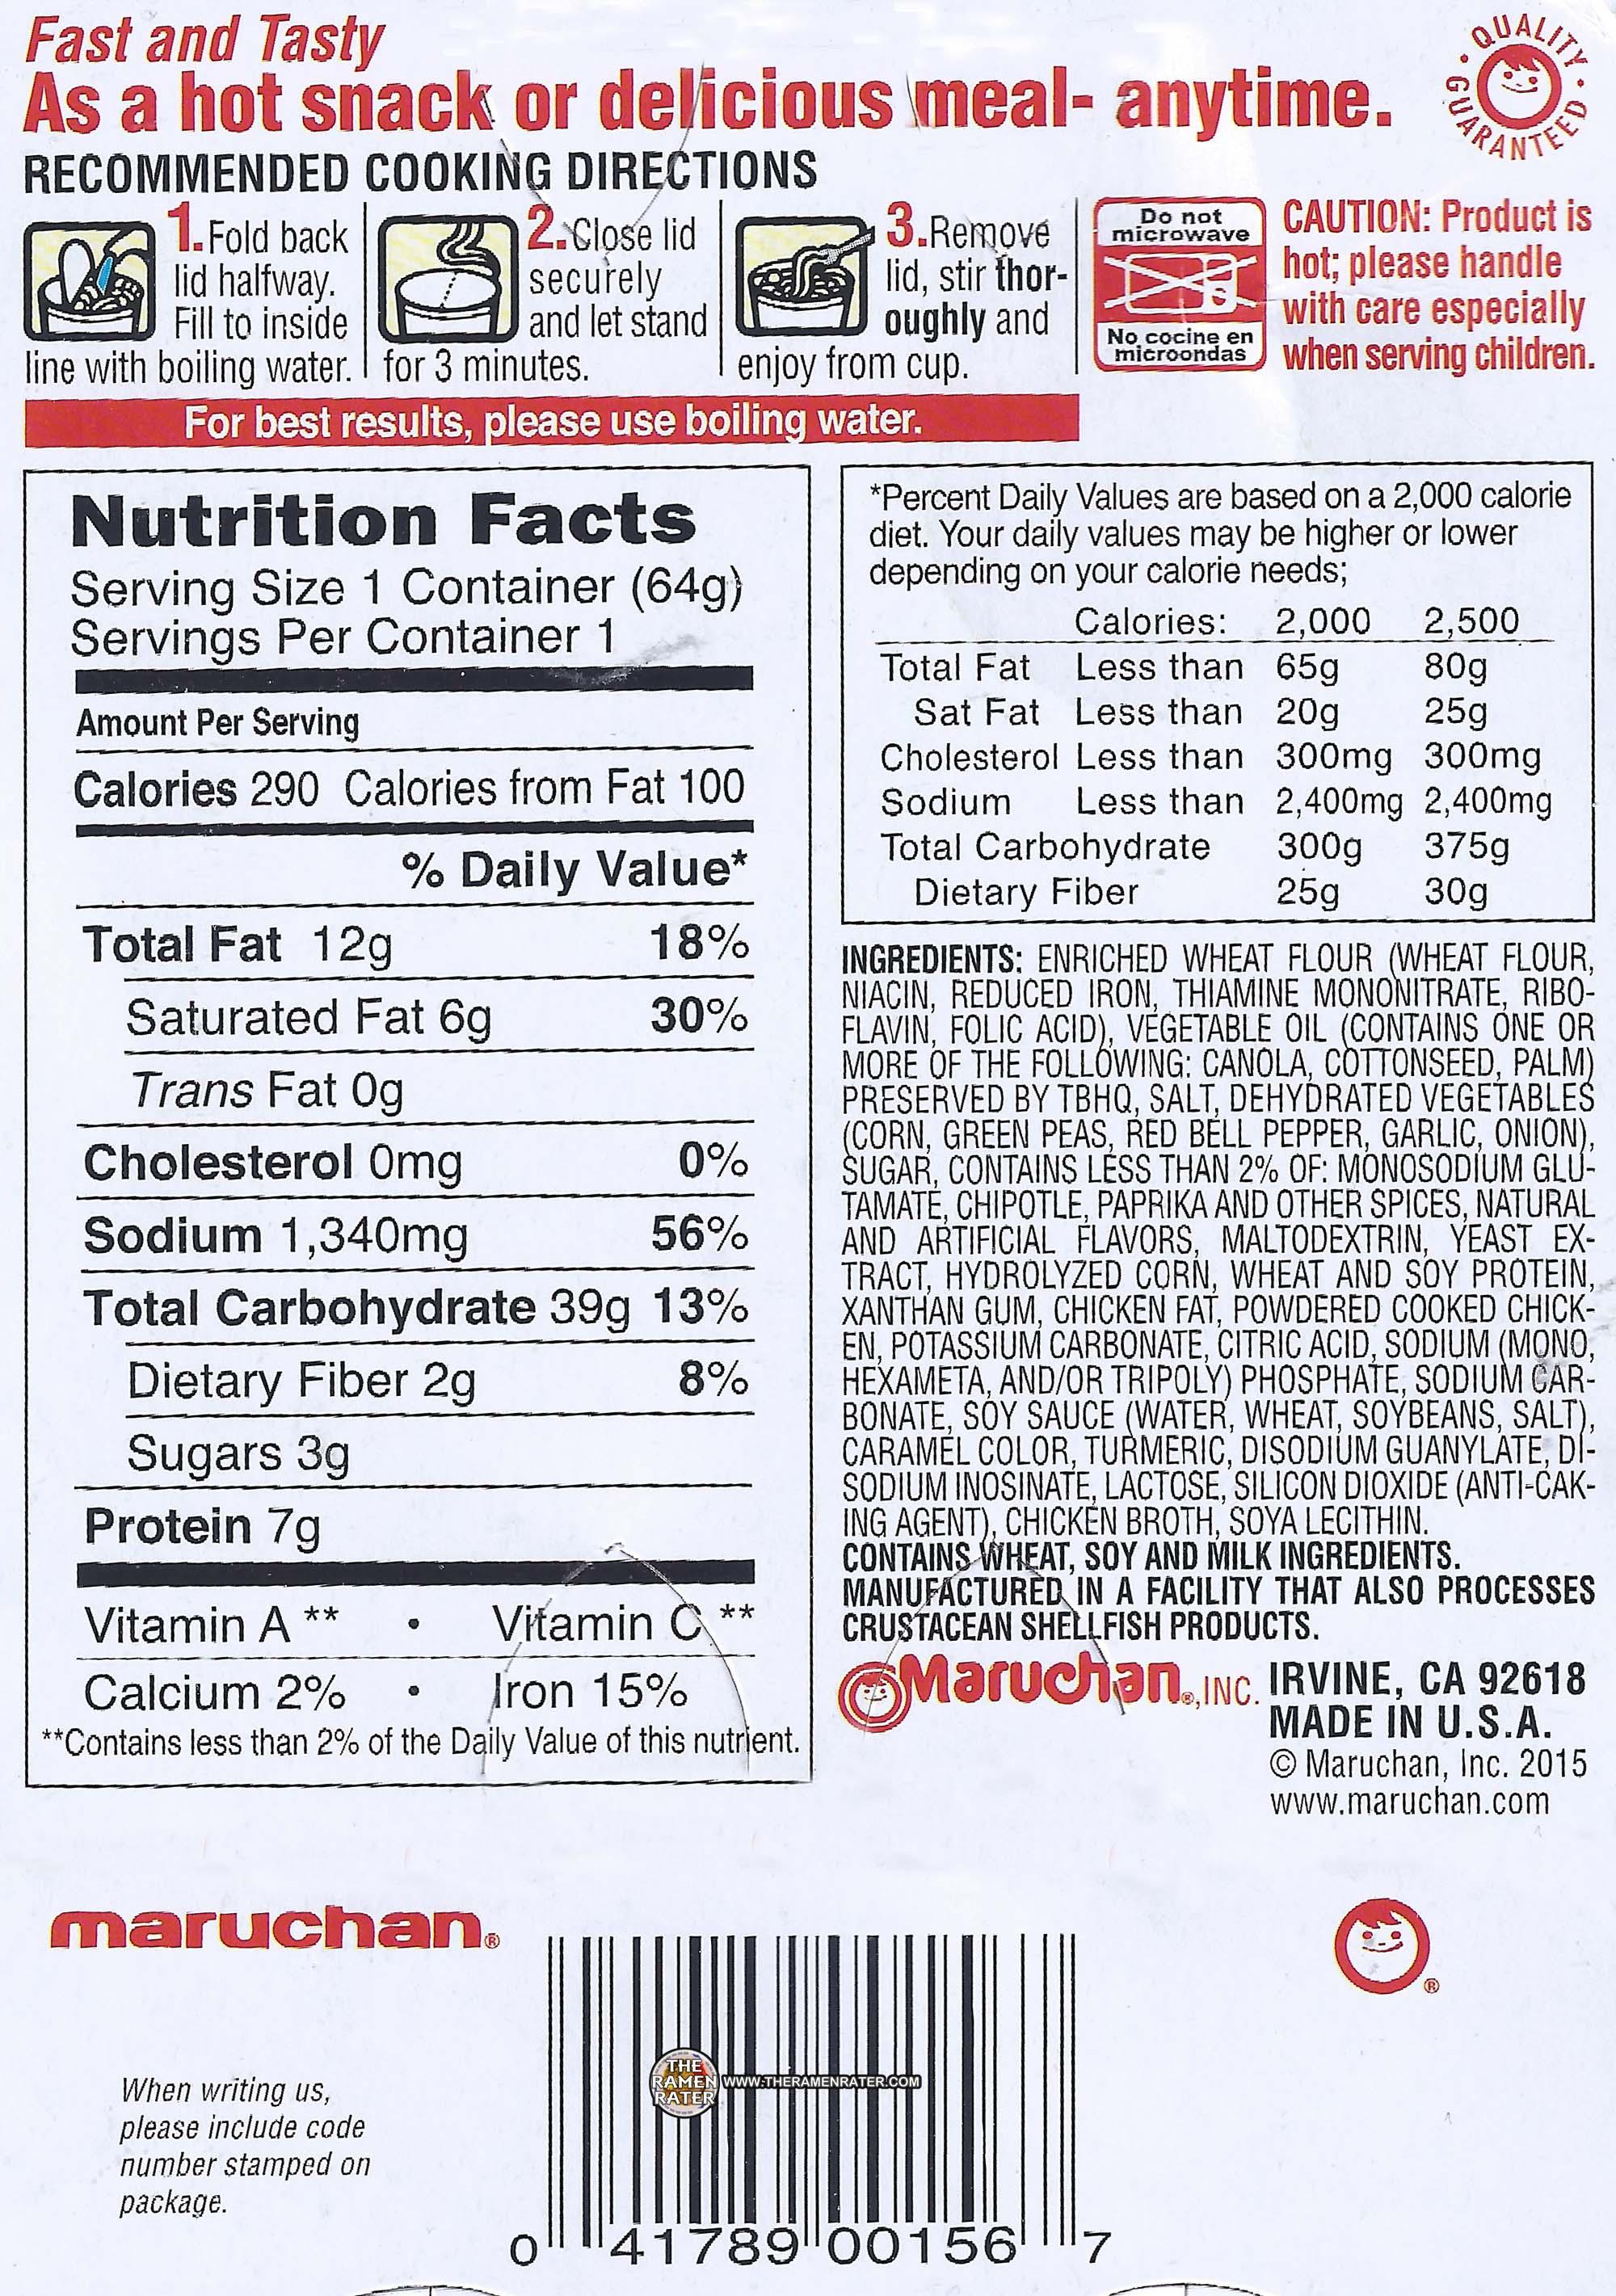 2132 Maruchan Instant Lunch Chipotle Chicken Flavor